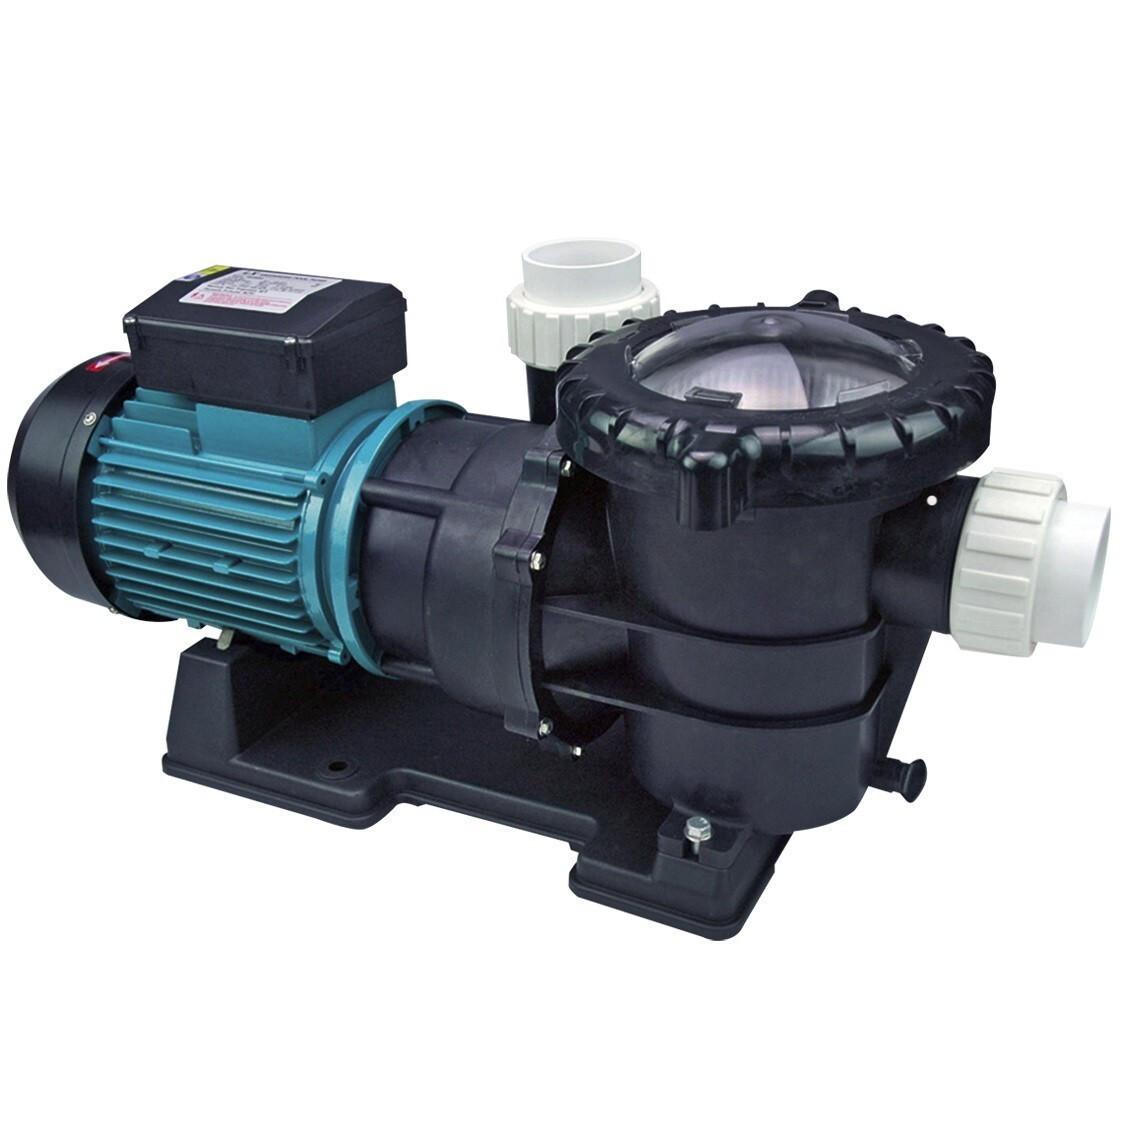 Насос AquaViva LX STP250T/VWS250T 27 м3/год (2,5 HP, 380В)